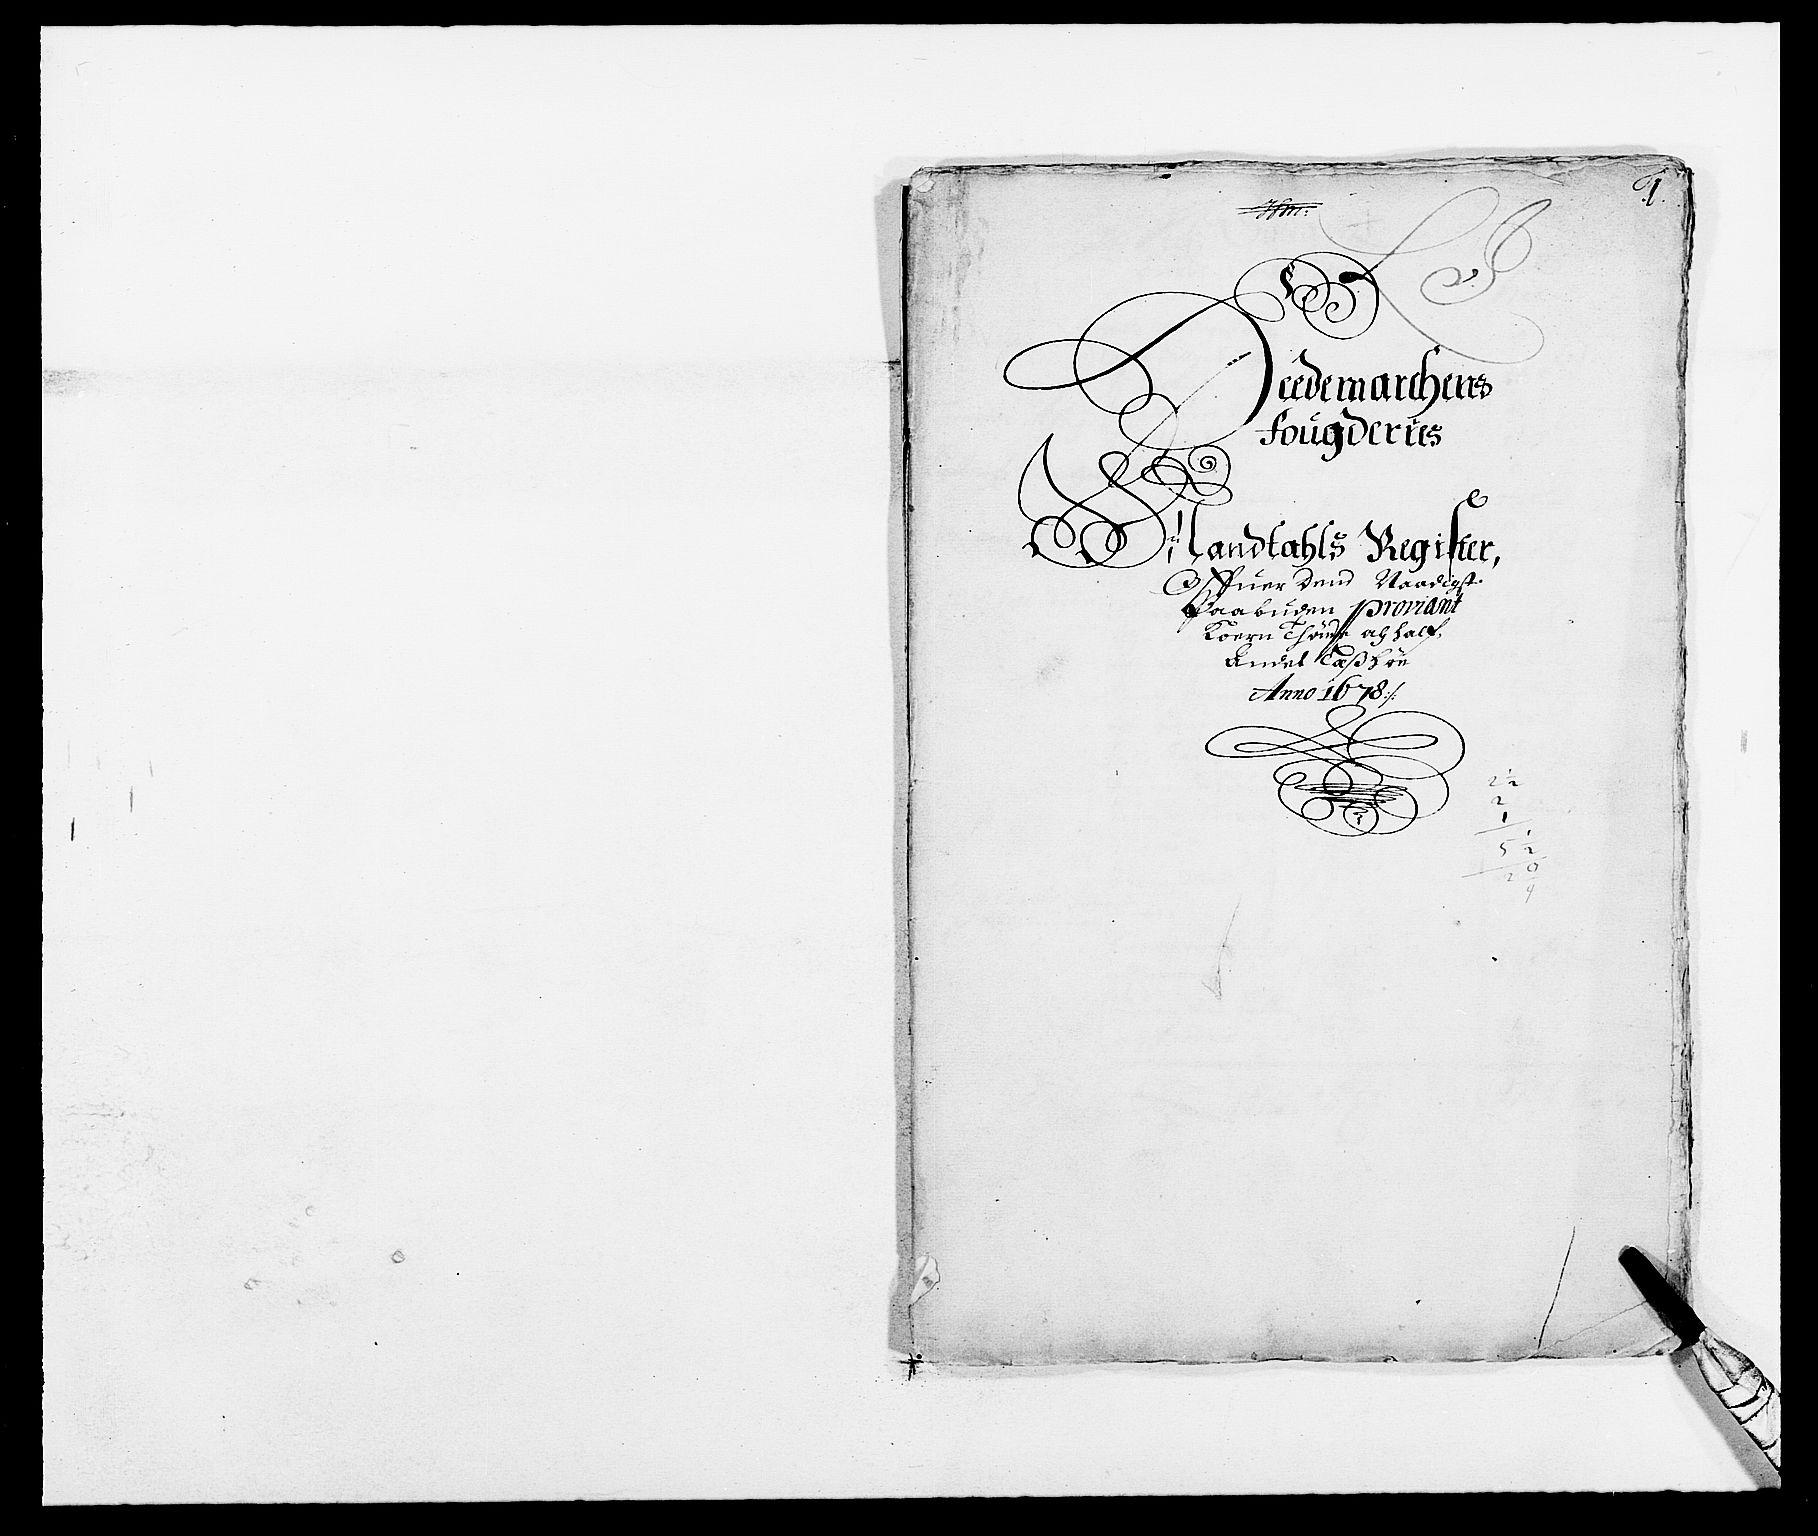 RA, Rentekammeret inntil 1814, Reviderte regnskaper, Fogderegnskap, R16/L1017: Fogderegnskap Hedmark, 1678-1679, s. 286